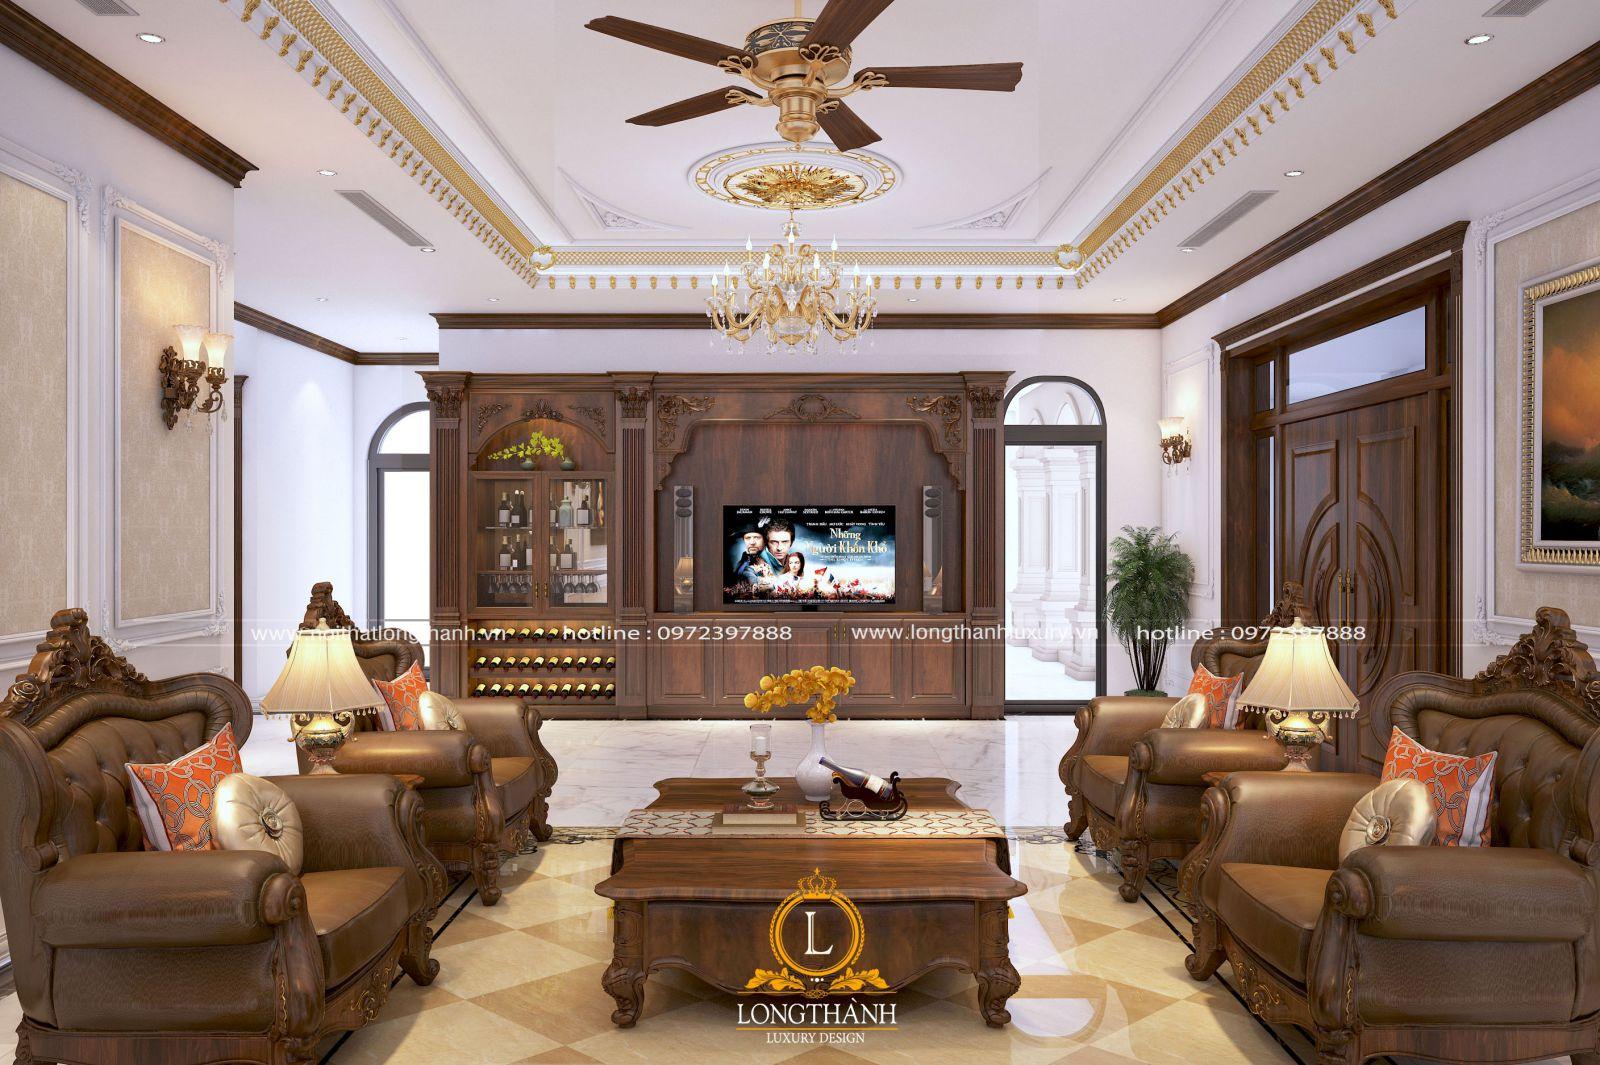 Tủ rượu gỗ được bố trí trong không gian nội thất phòng khách